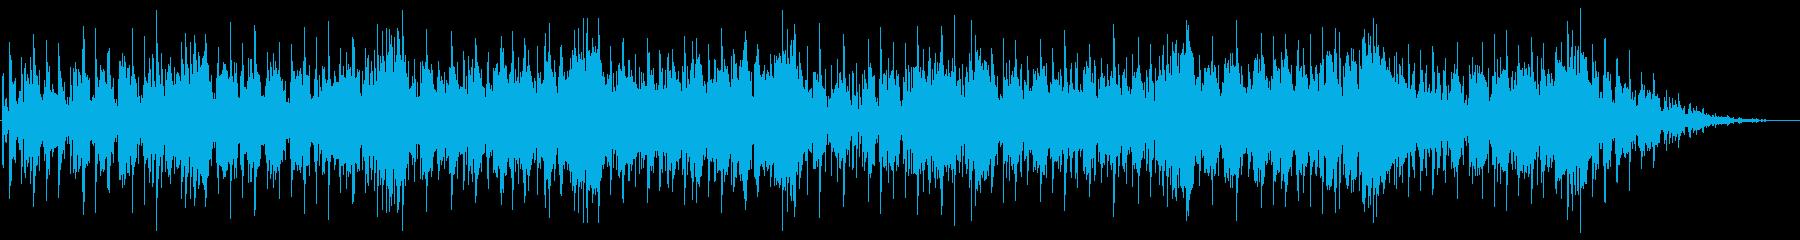 しっとりピアノジャズバラードの再生済みの波形